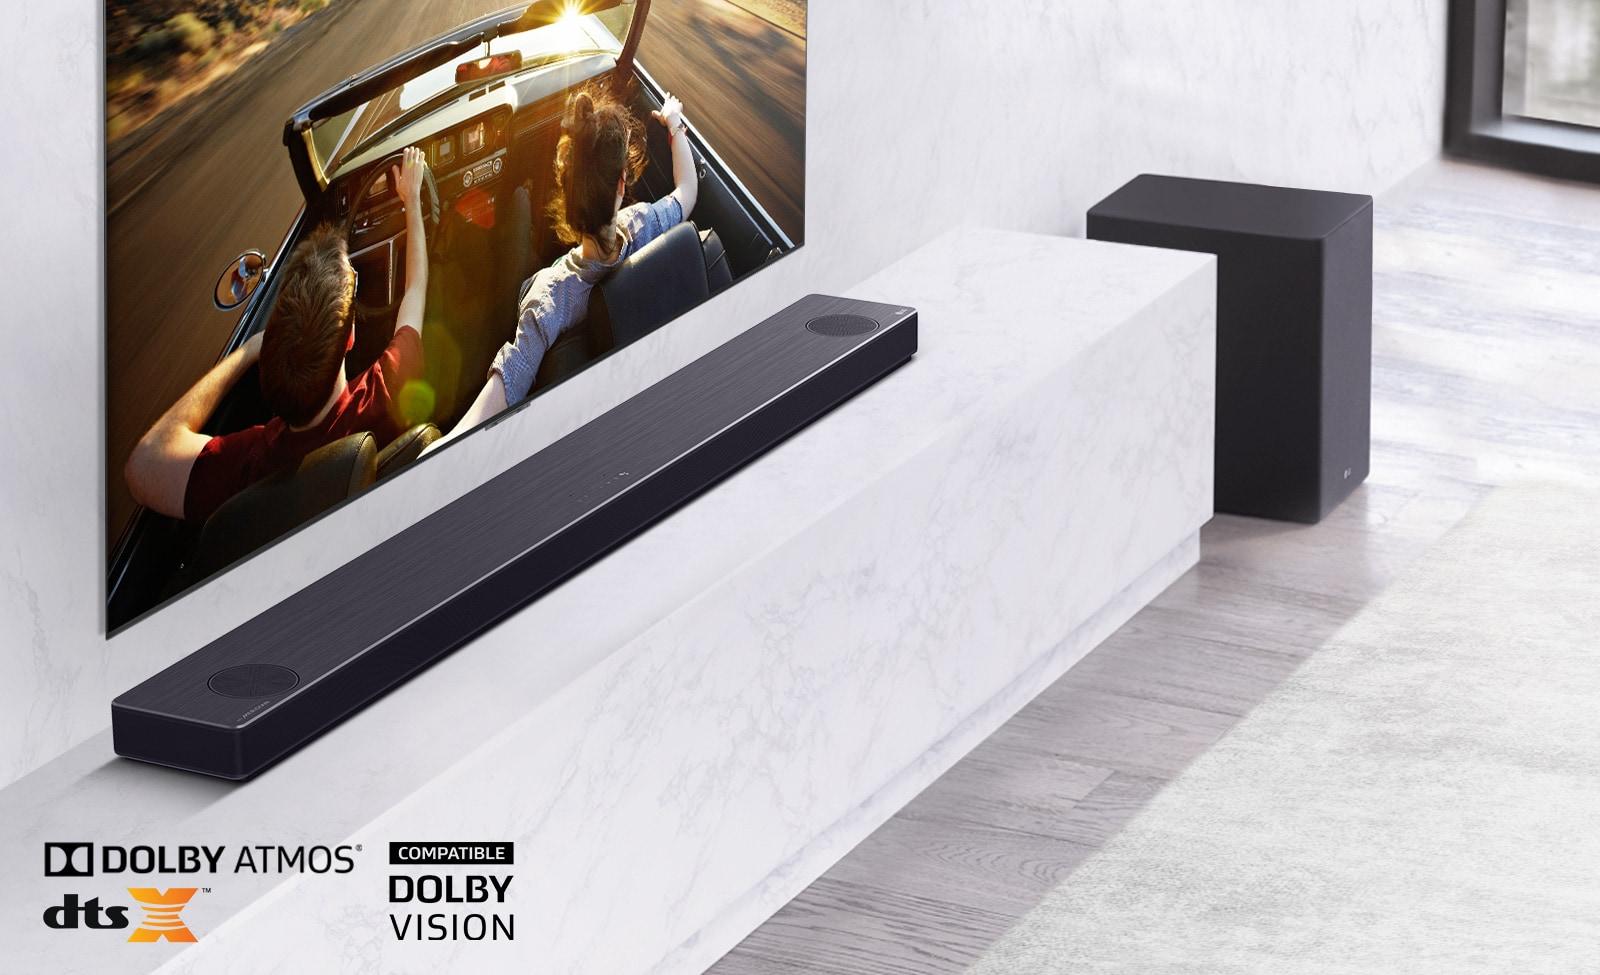 Der Fernseher hängt an der Wand, die LG Sound Bar steht unten auf einem Regal aus weißem Marmor mit einem Subwoofer auf der rechten Seite. Der Fernseher zeigt ein Paar in einem Auto.